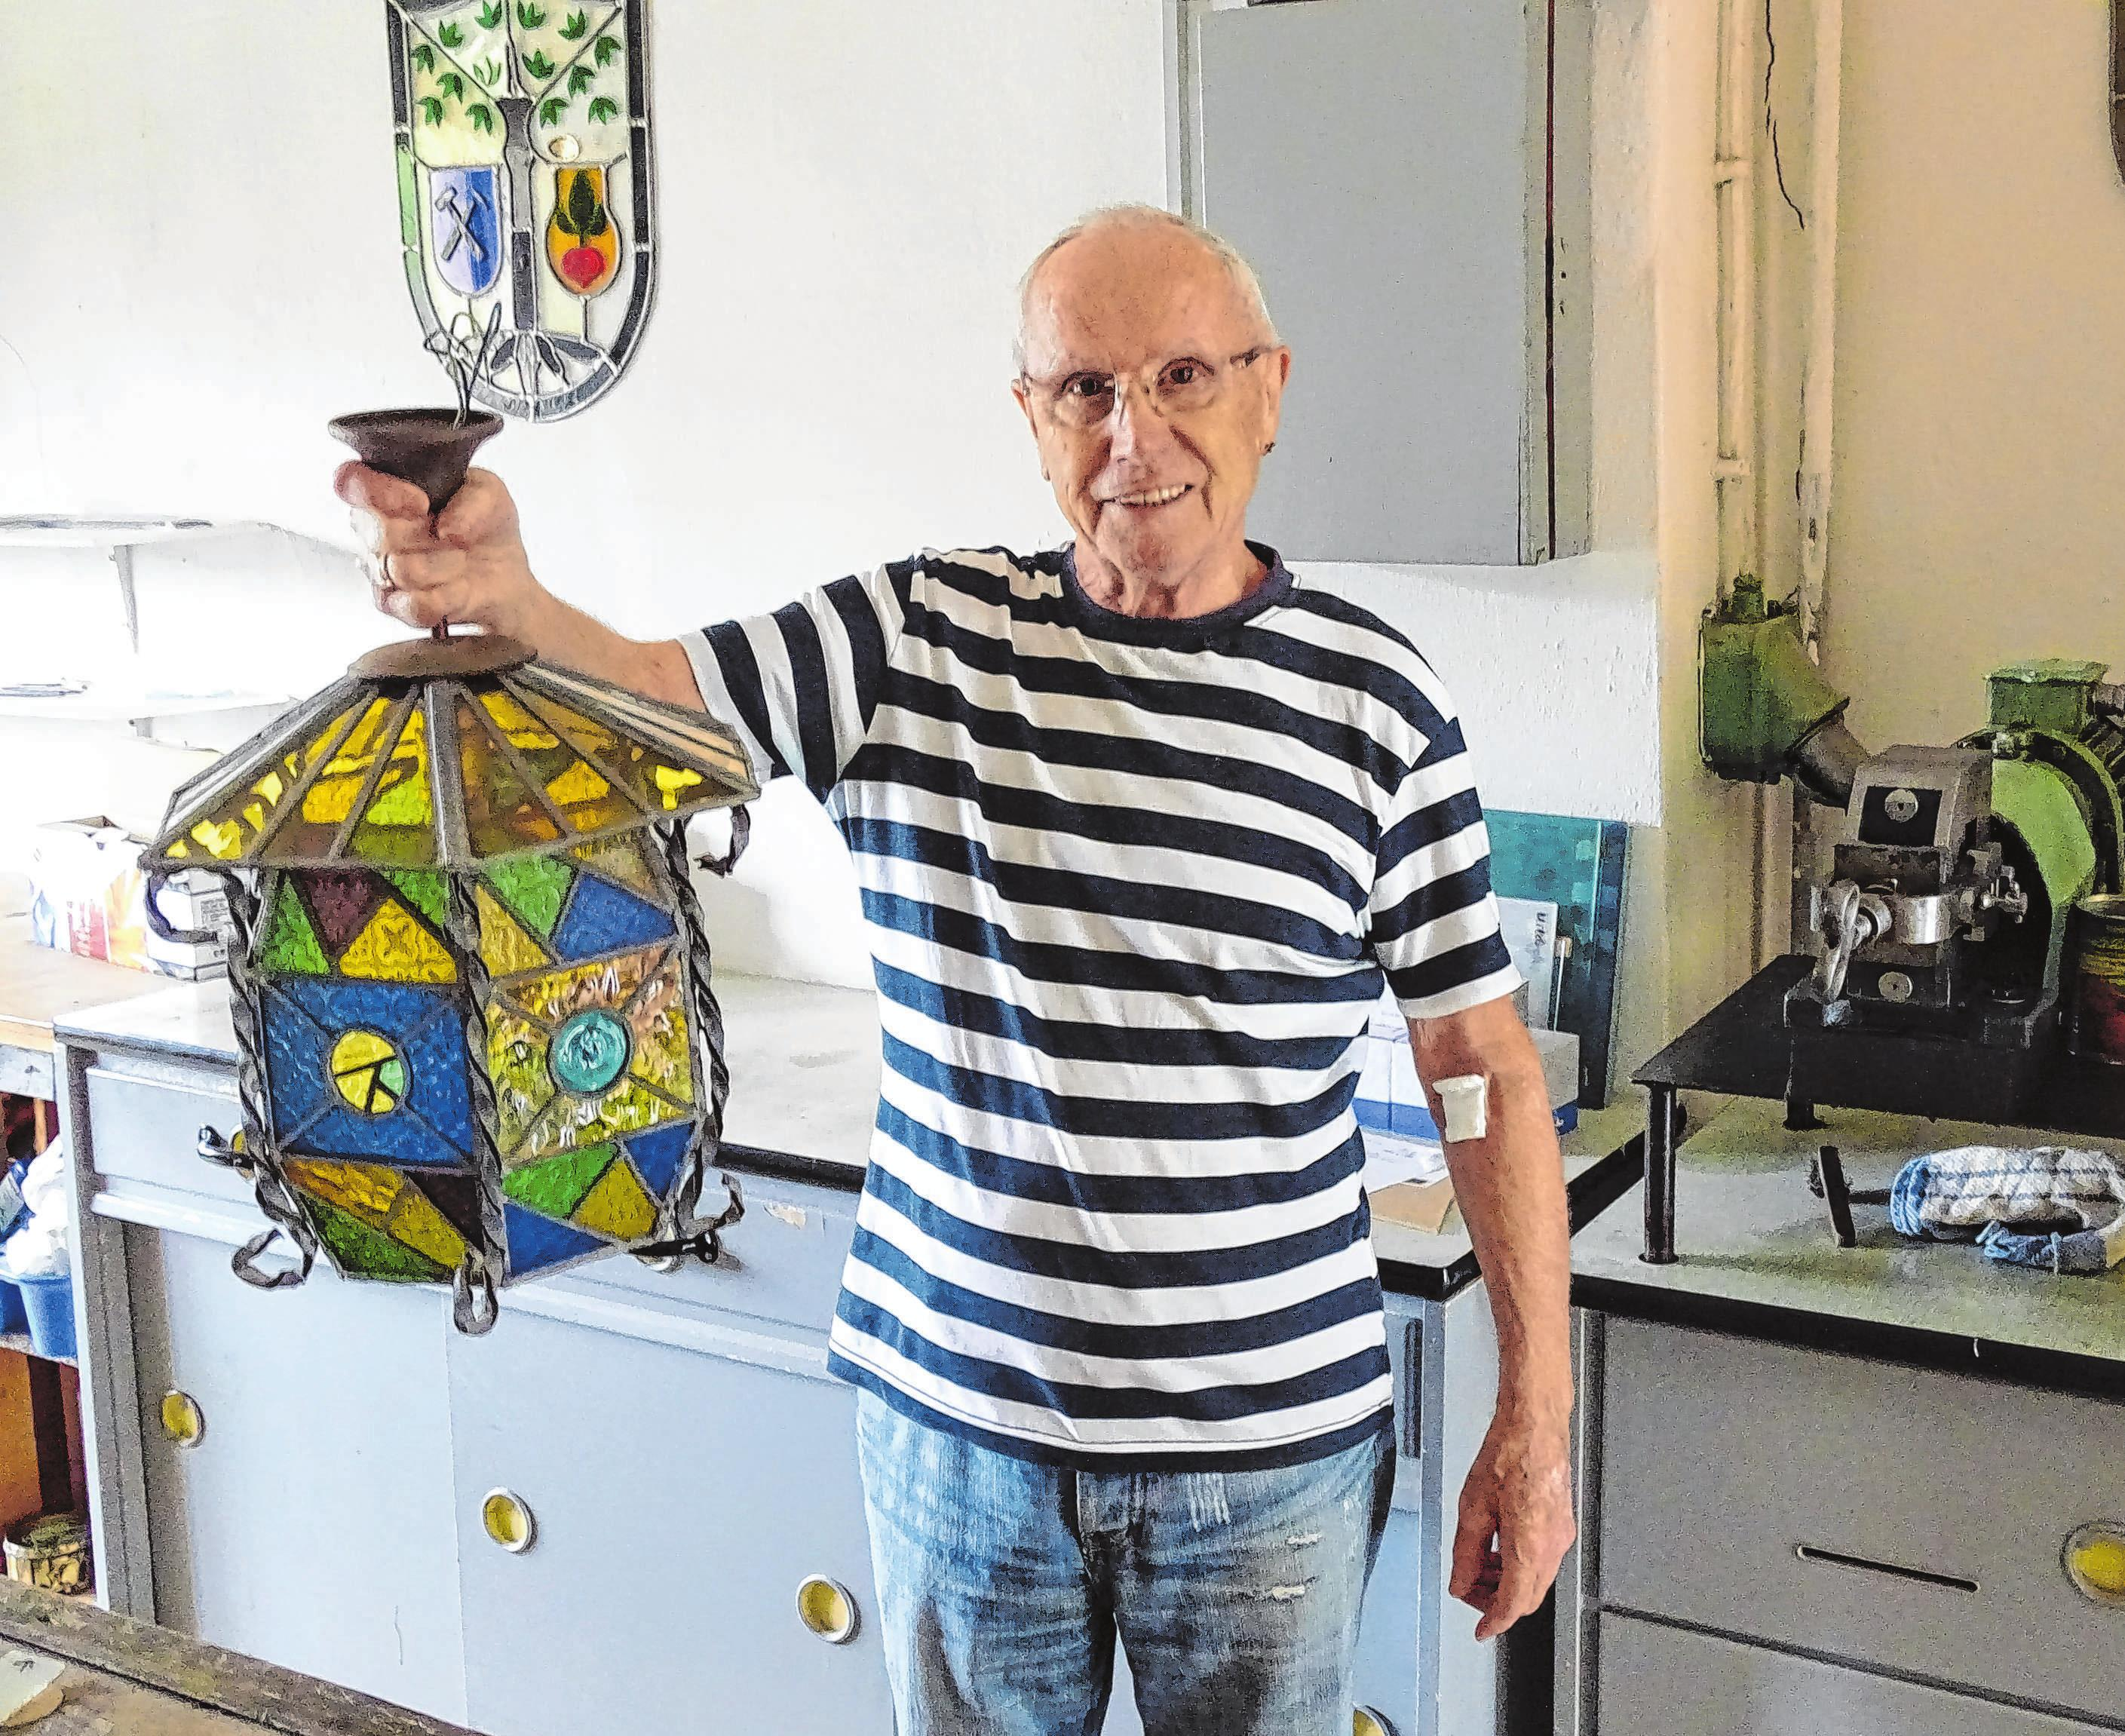 Senior und Firmengründer Horst Wendland hegt eine besondere Liebe für einzigartige Stücke wie diese Buntglaslampe.